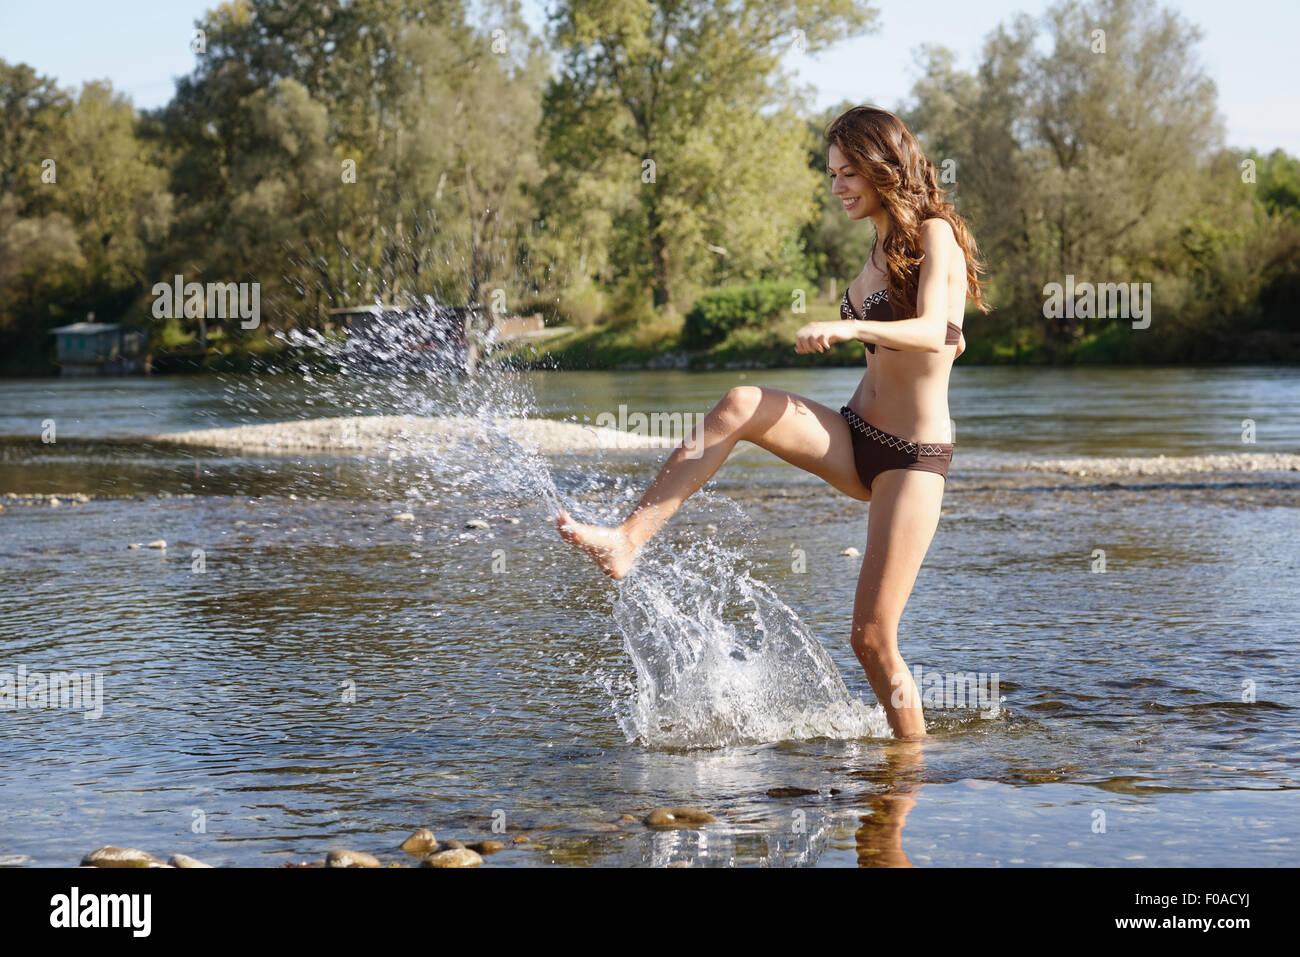 Mujer joven vistiendo un bikini salpicaduras y jugando en el río. Imagen De Stock